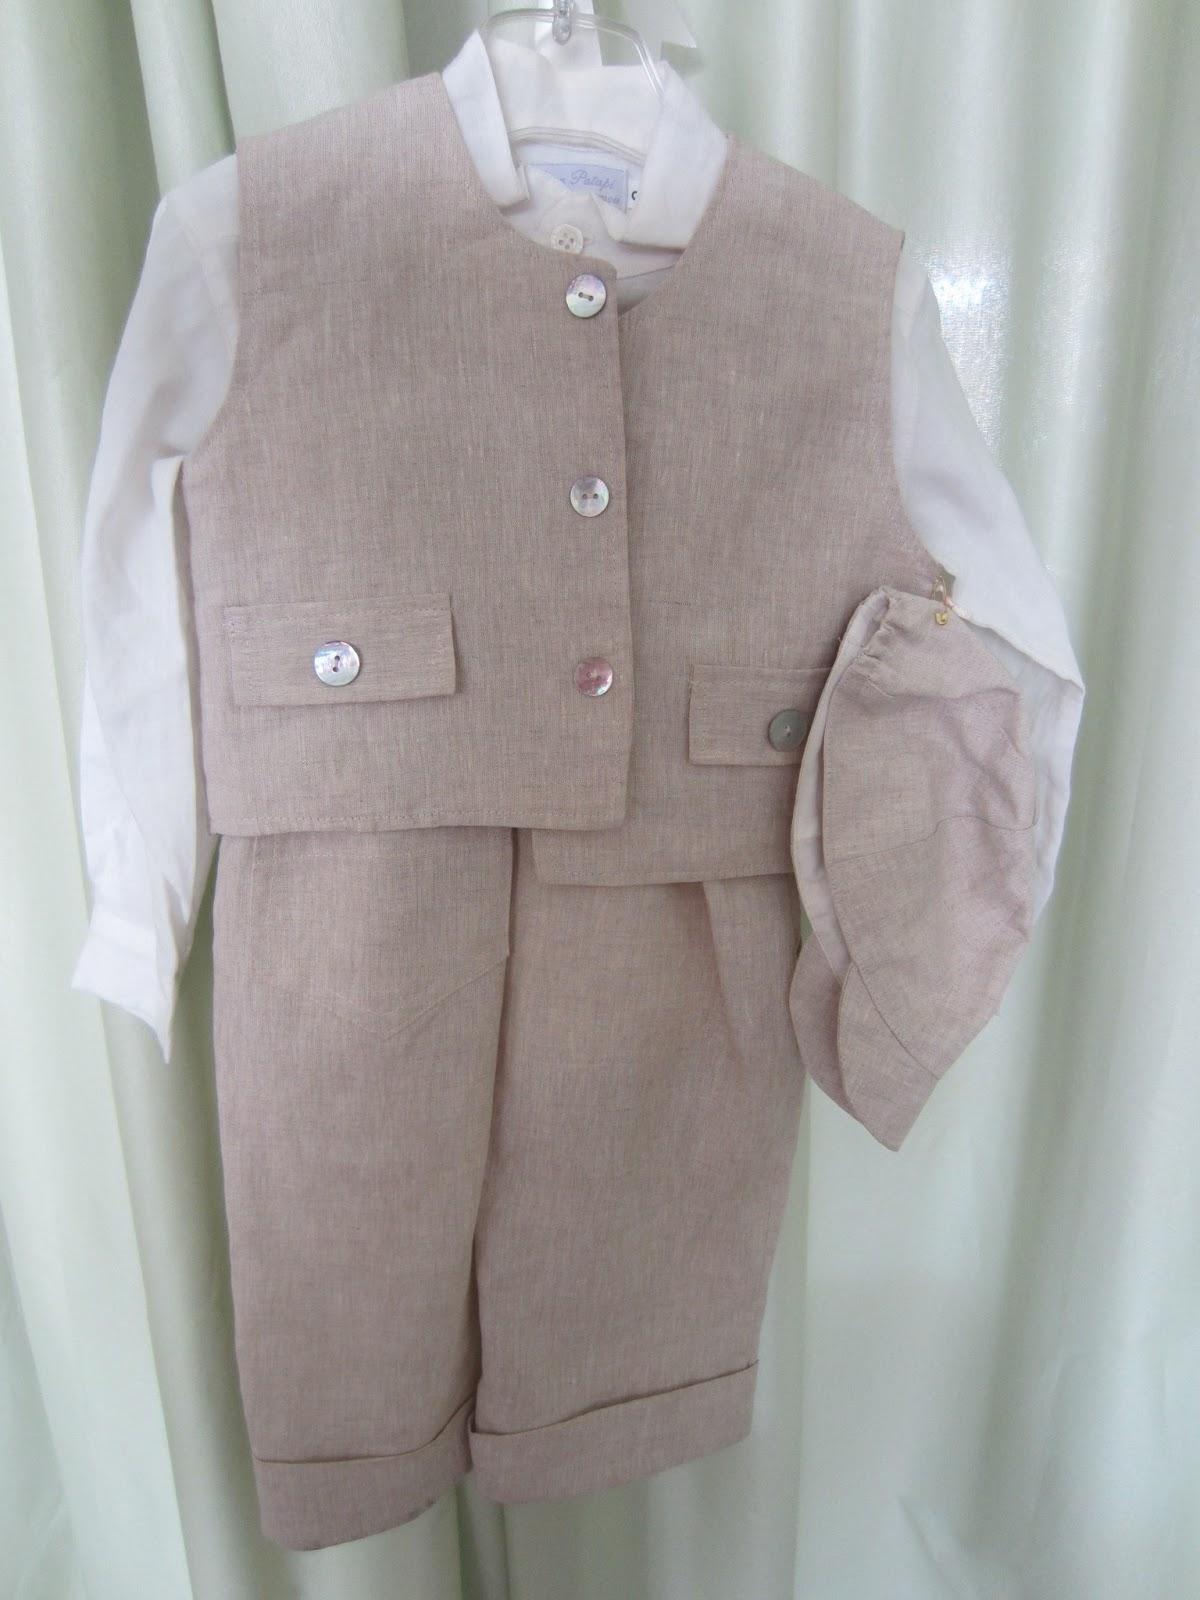 a74928981f3 Παντελόνι, πουκάμισο, γιλέκο και καπέλο, λινά. Νο 2. Τιμή: 40 ευρώ.